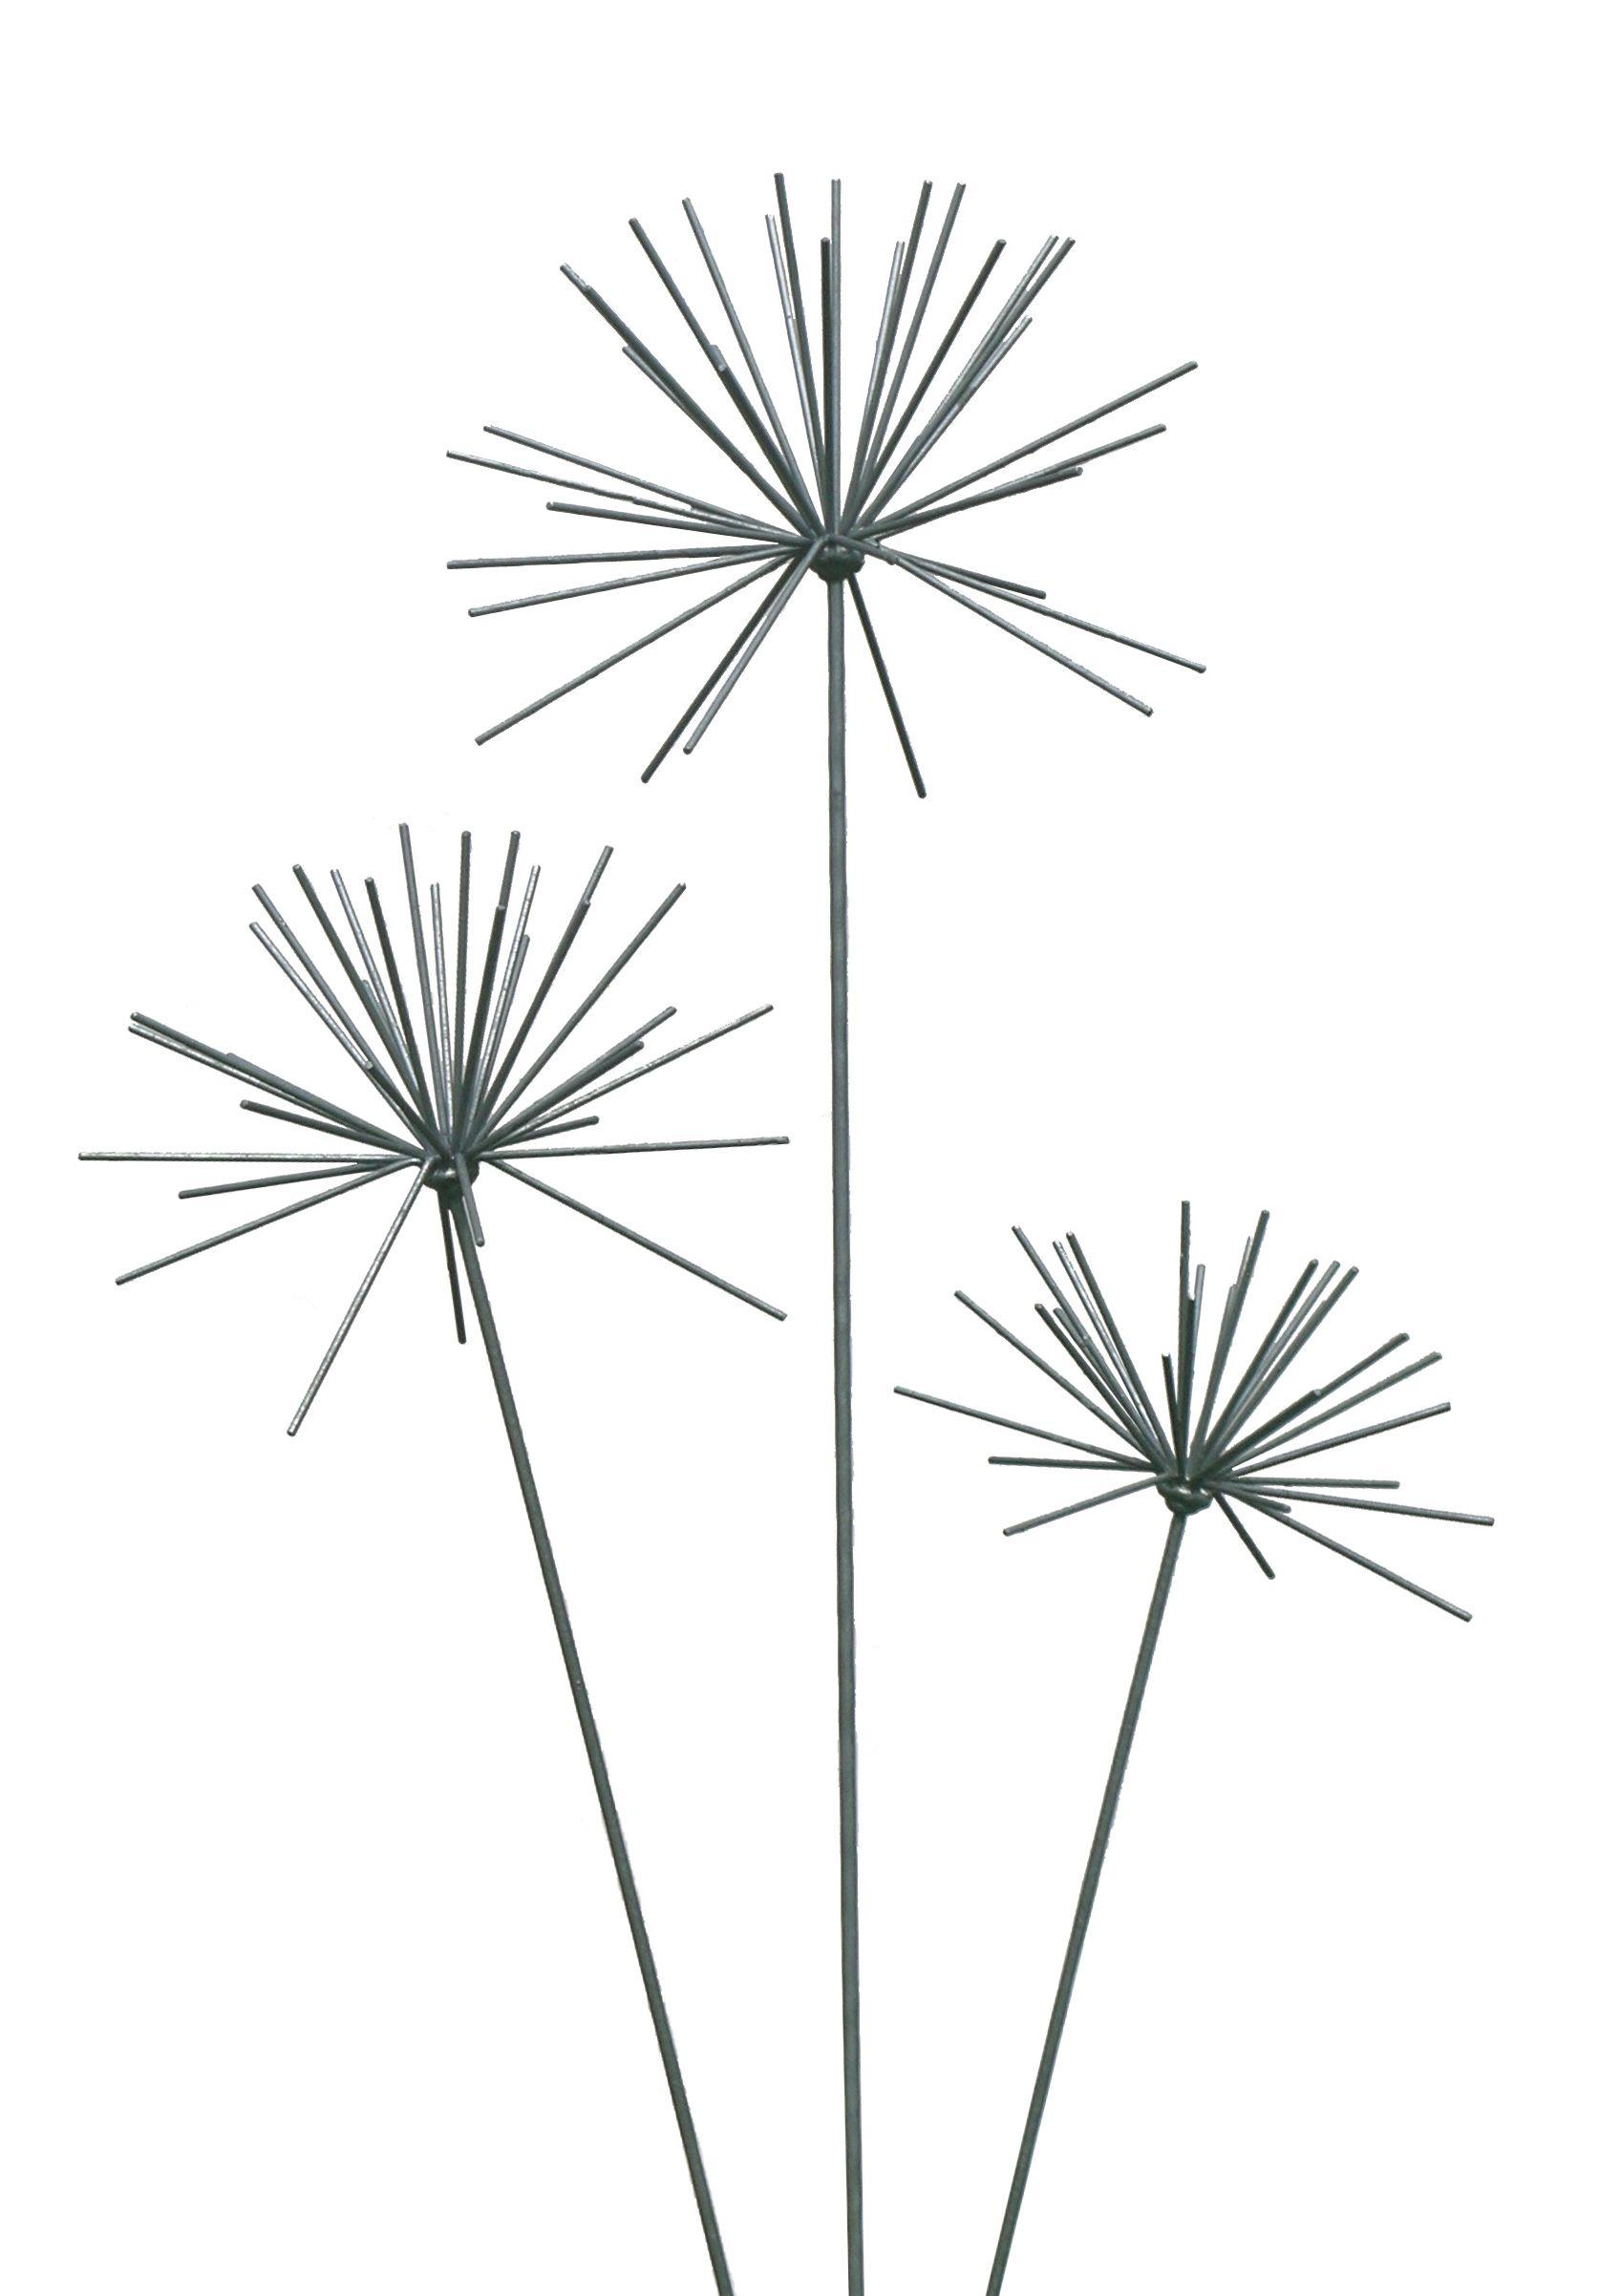 A Newly Cut Out Shot Of Our Allium Sculptures Www.ironvein.co.uk Metal  Garden Sculpture Steel Garden Sculpture